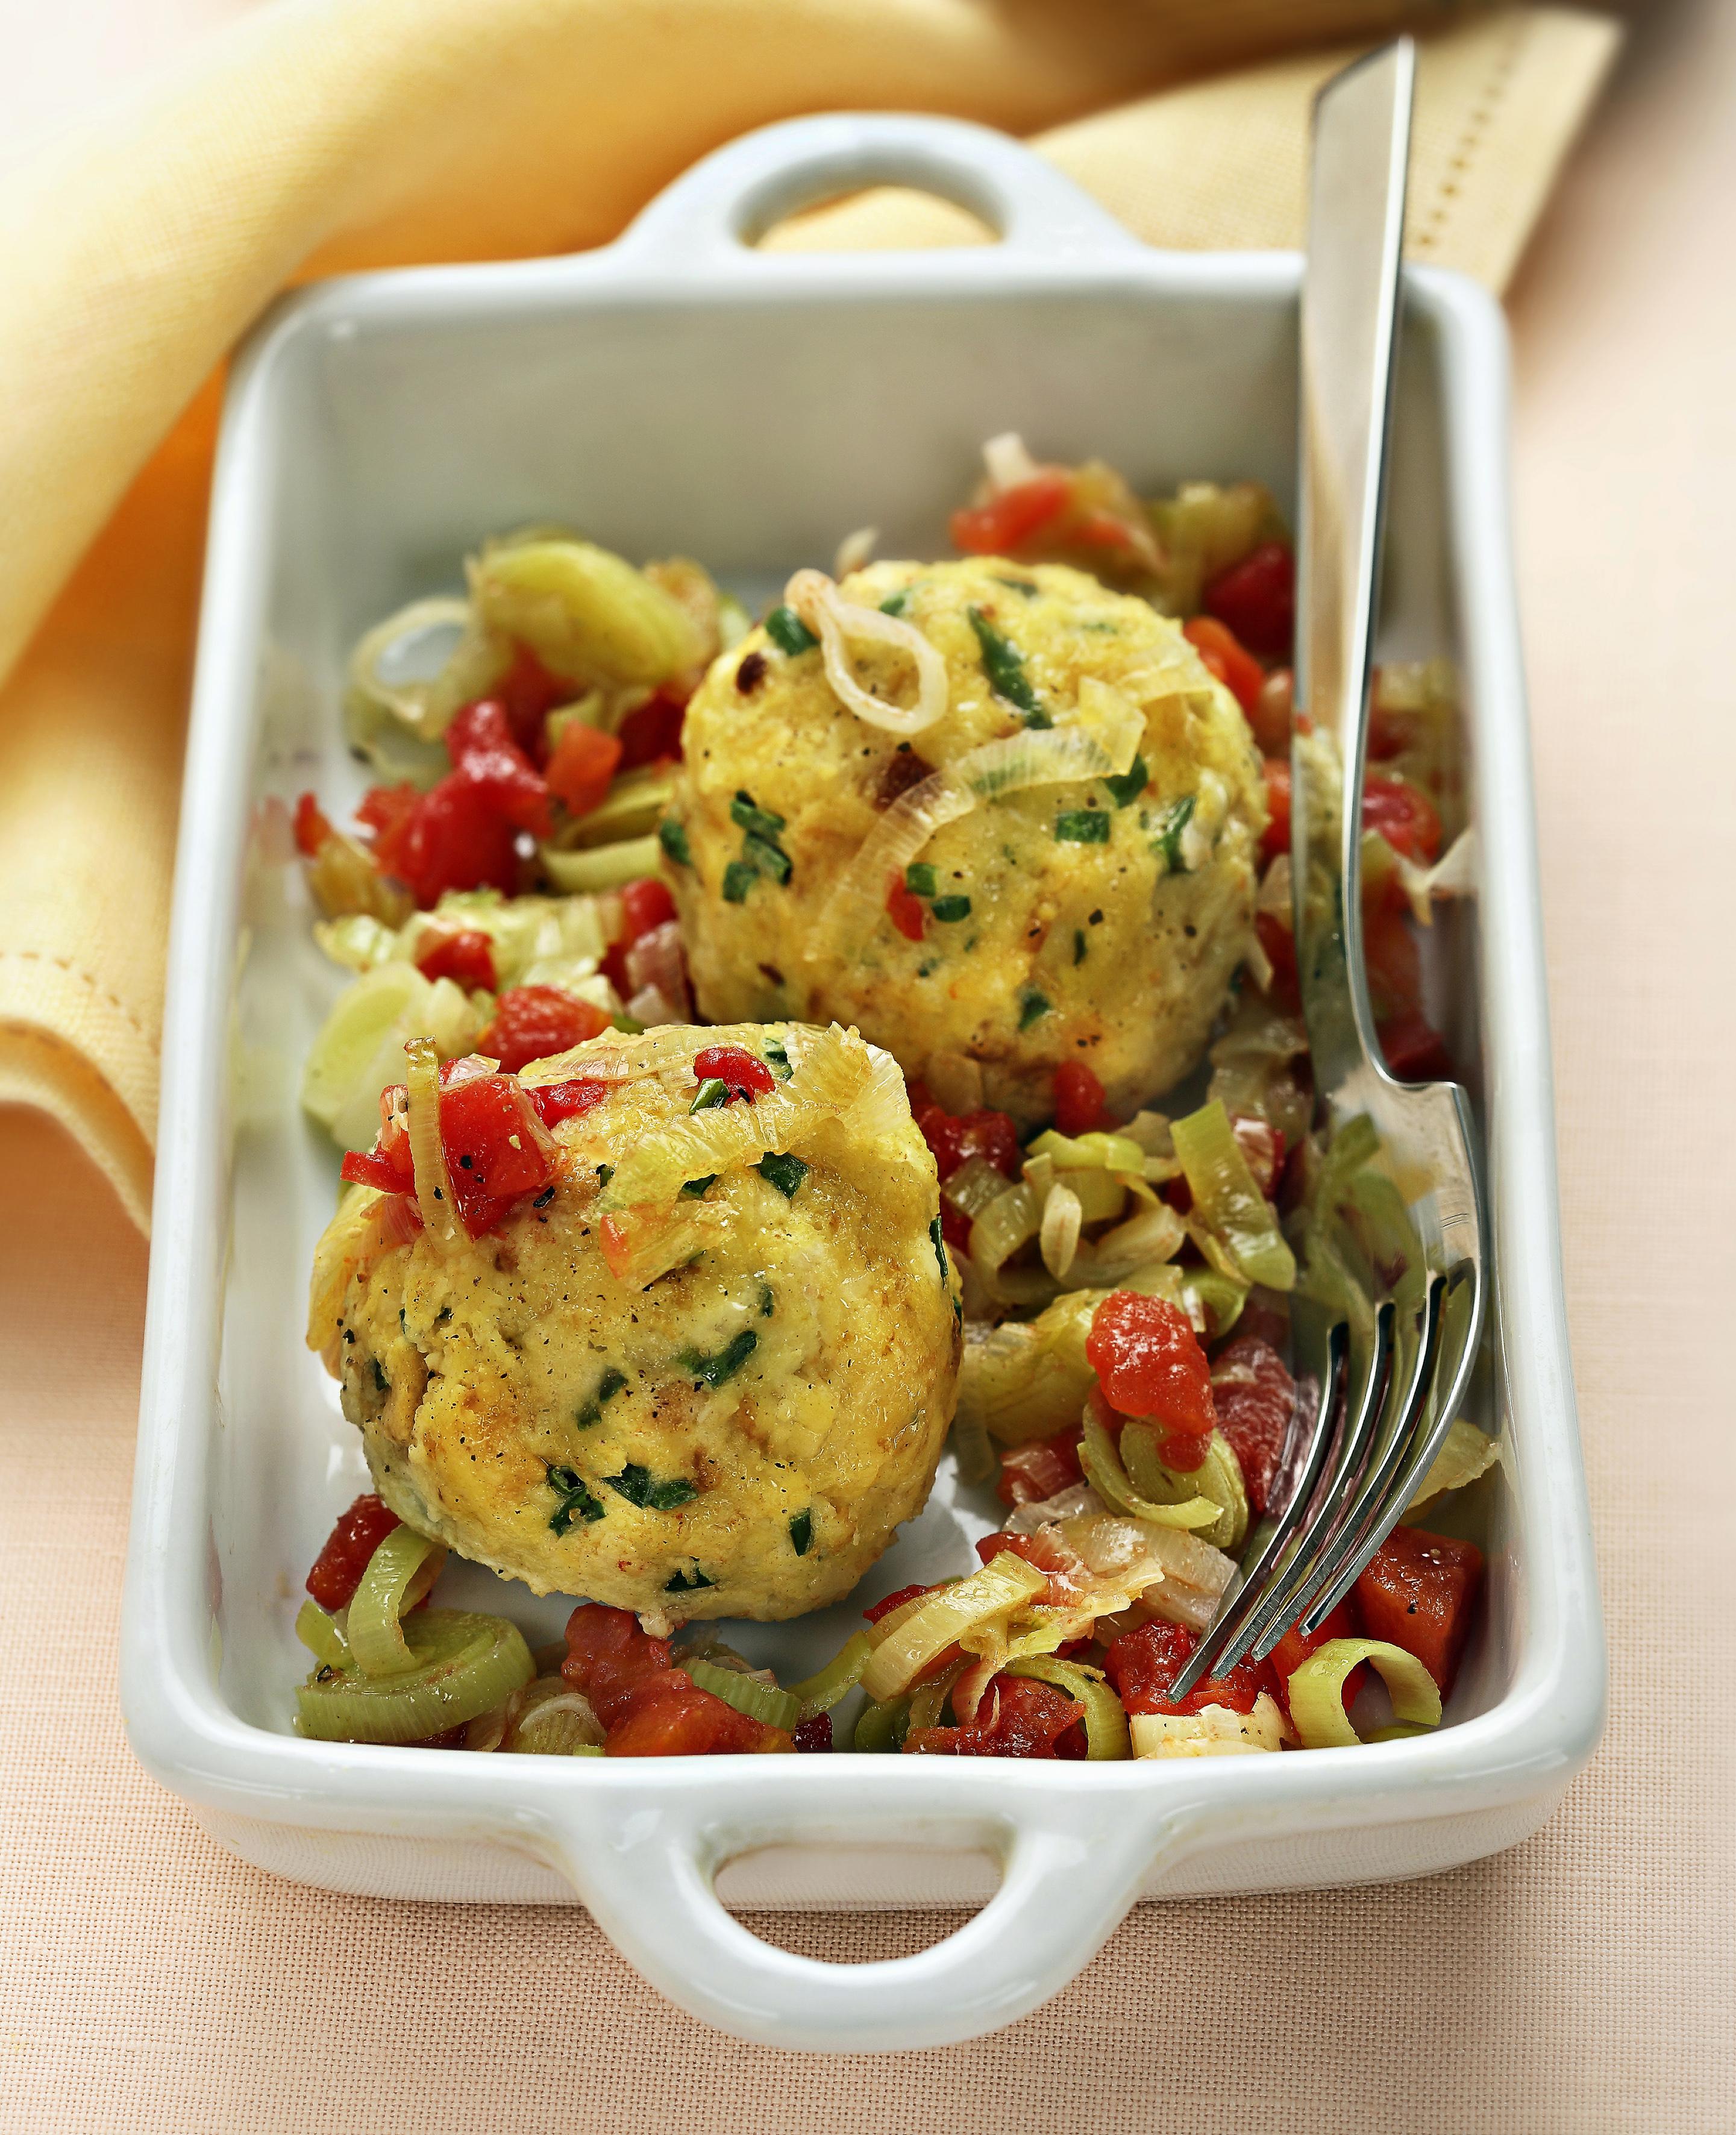 Gourmet Passover Recipes From Italian Chef Alessandra Rovati